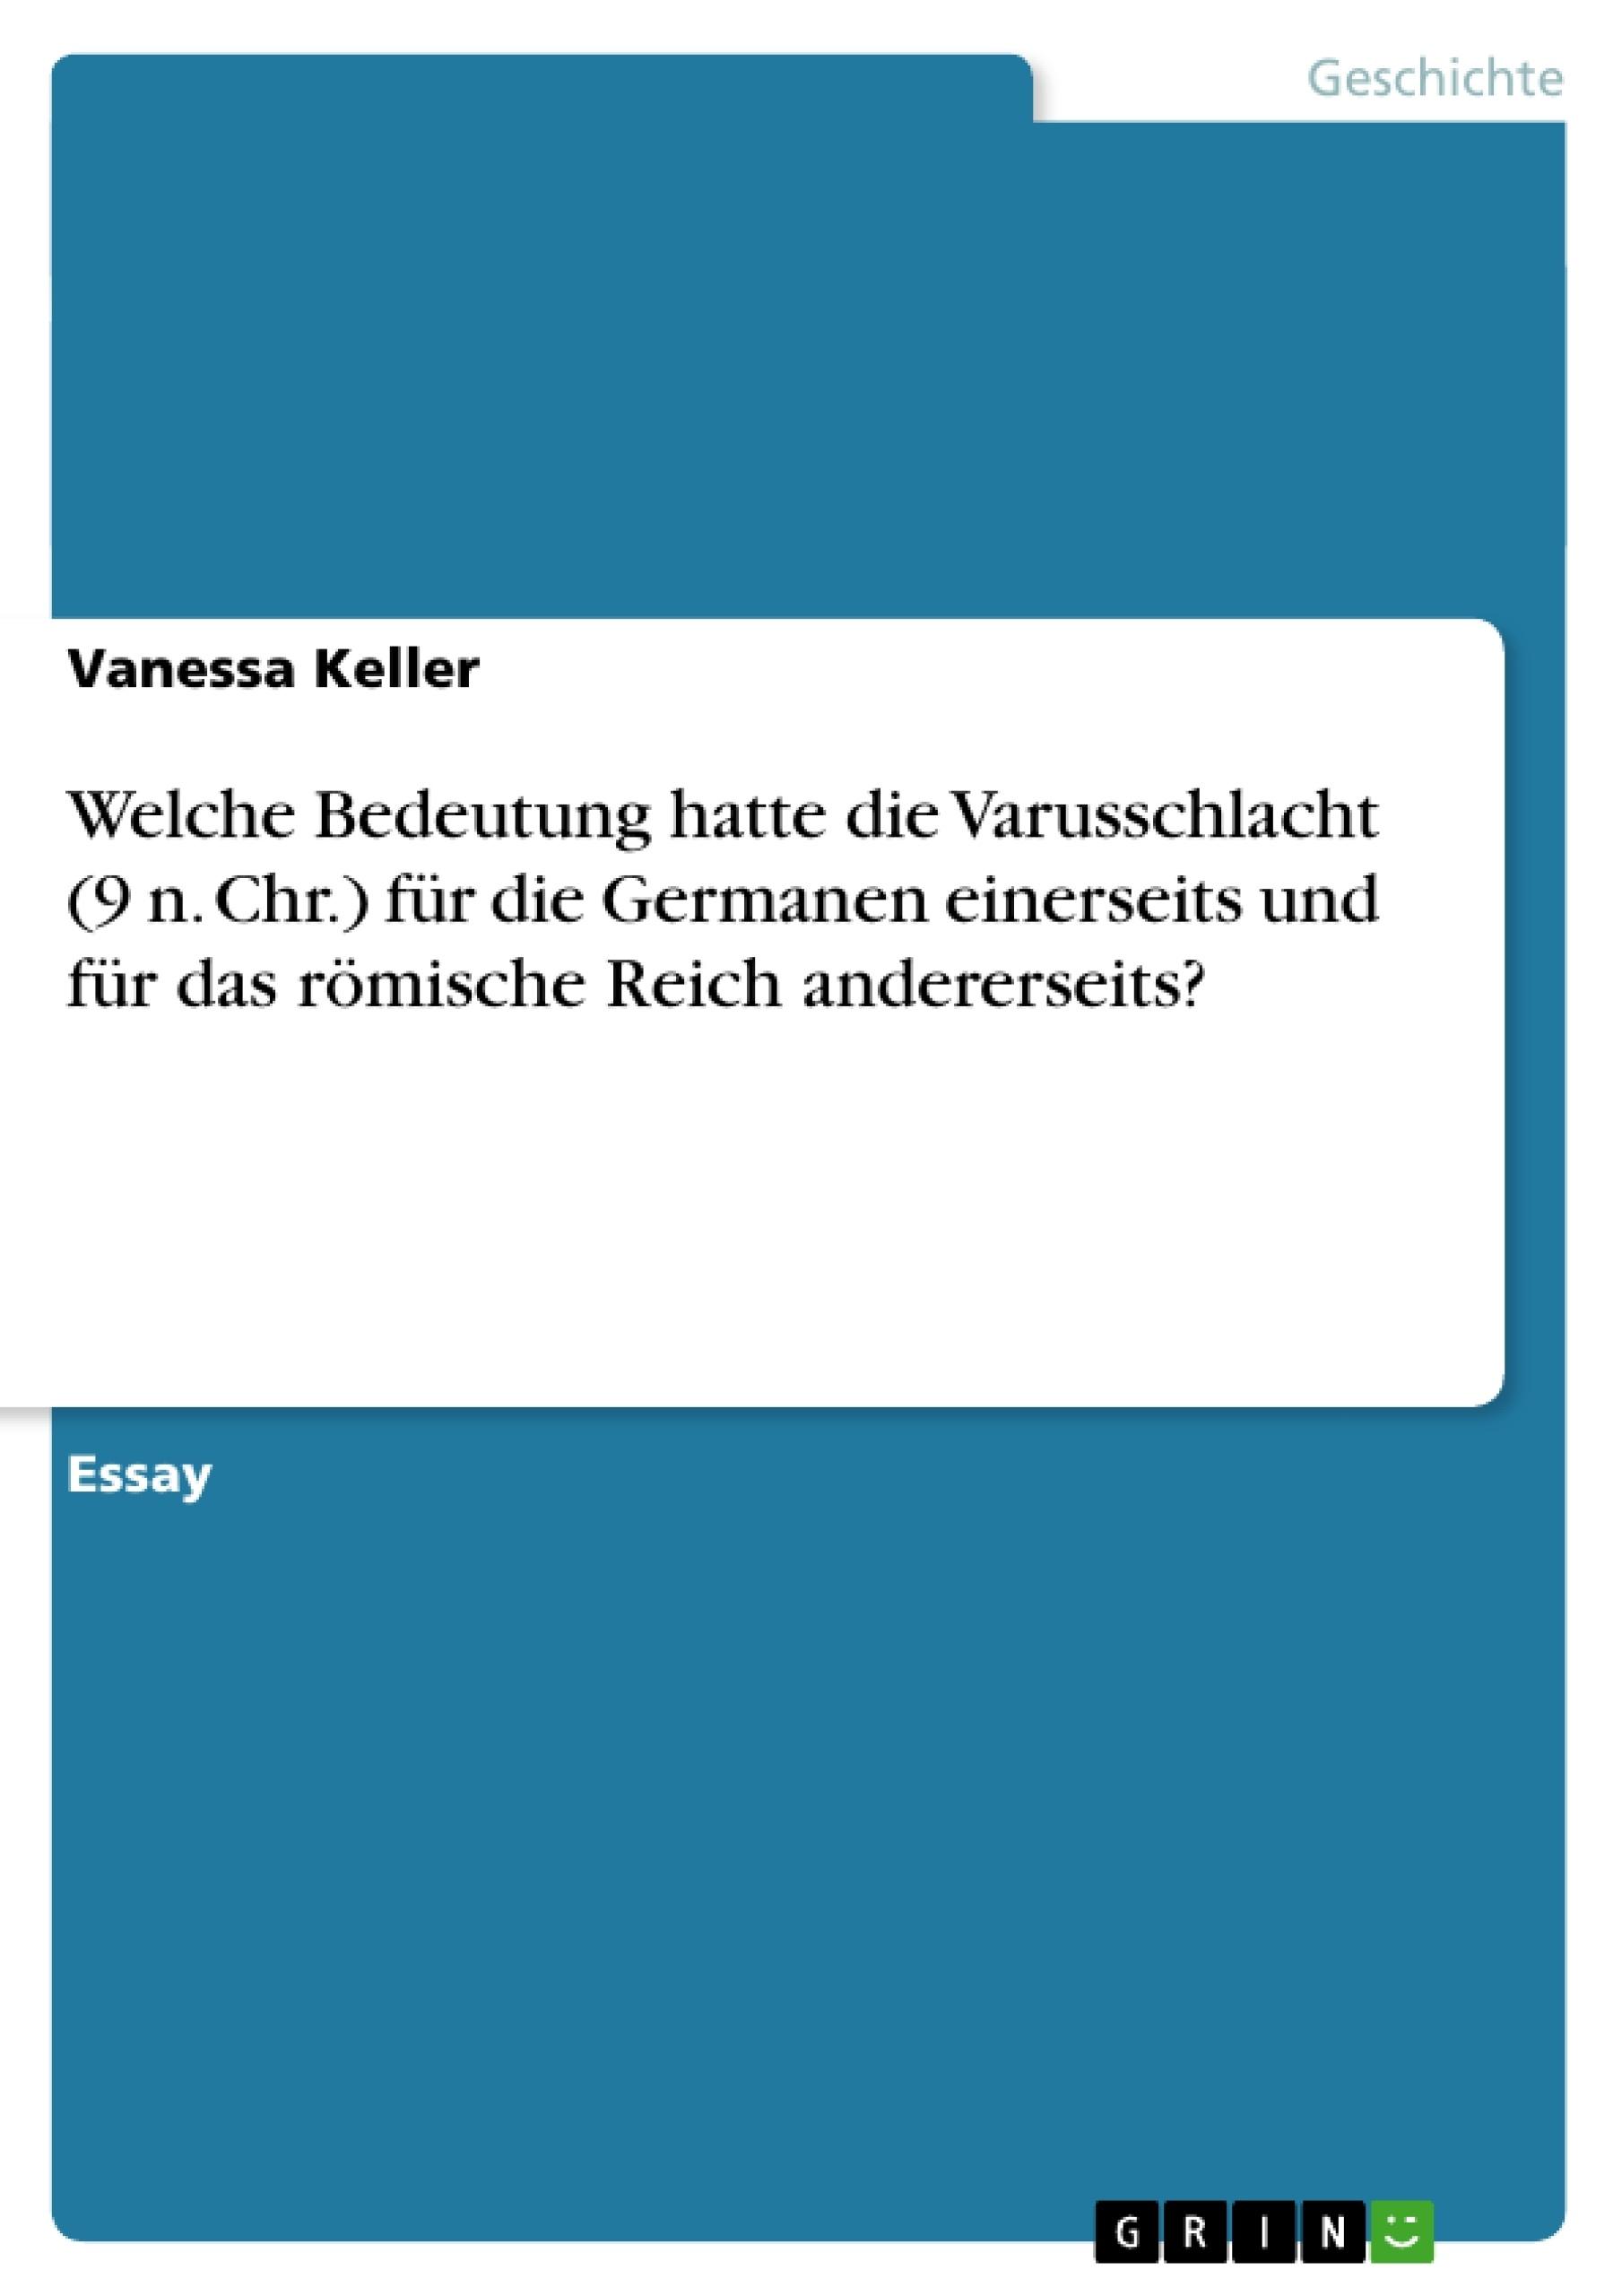 Titel: Welche Bedeutung hatte die Varusschlacht (9 n. Chr.) für die Germanen einerseits und für das römische Reich andererseits?